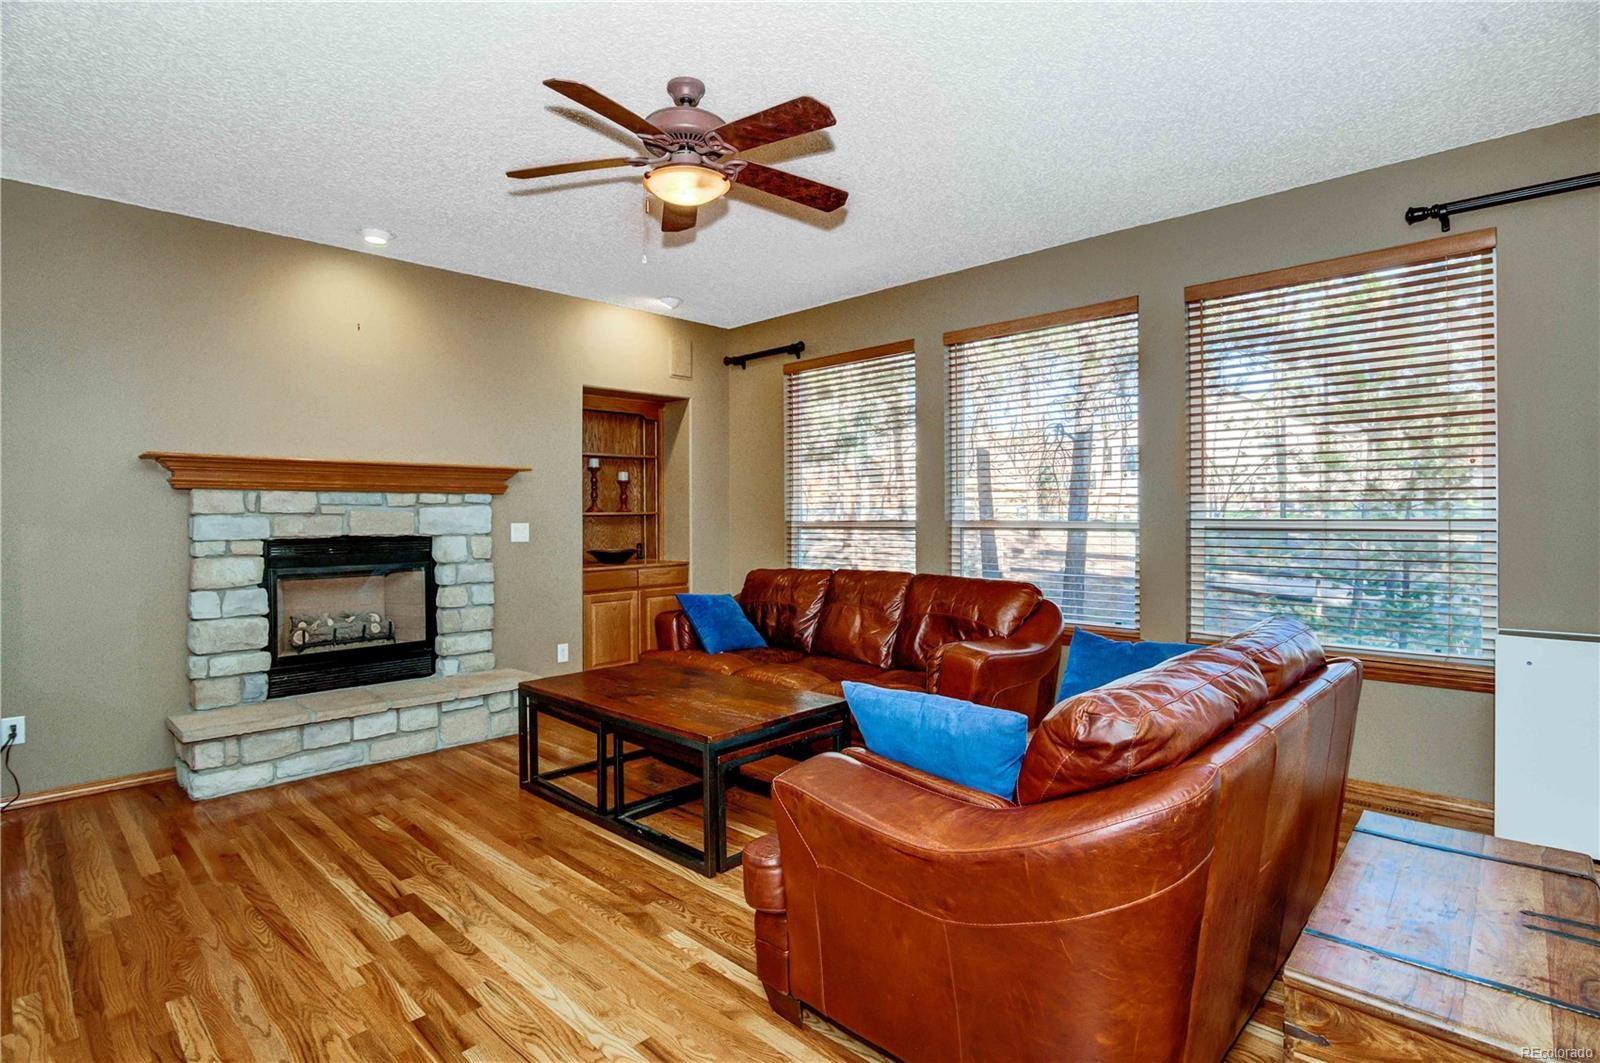 MLS# 5456451 - 8 - 15971 Woodmeadow Court, Colorado Springs, CO 80921